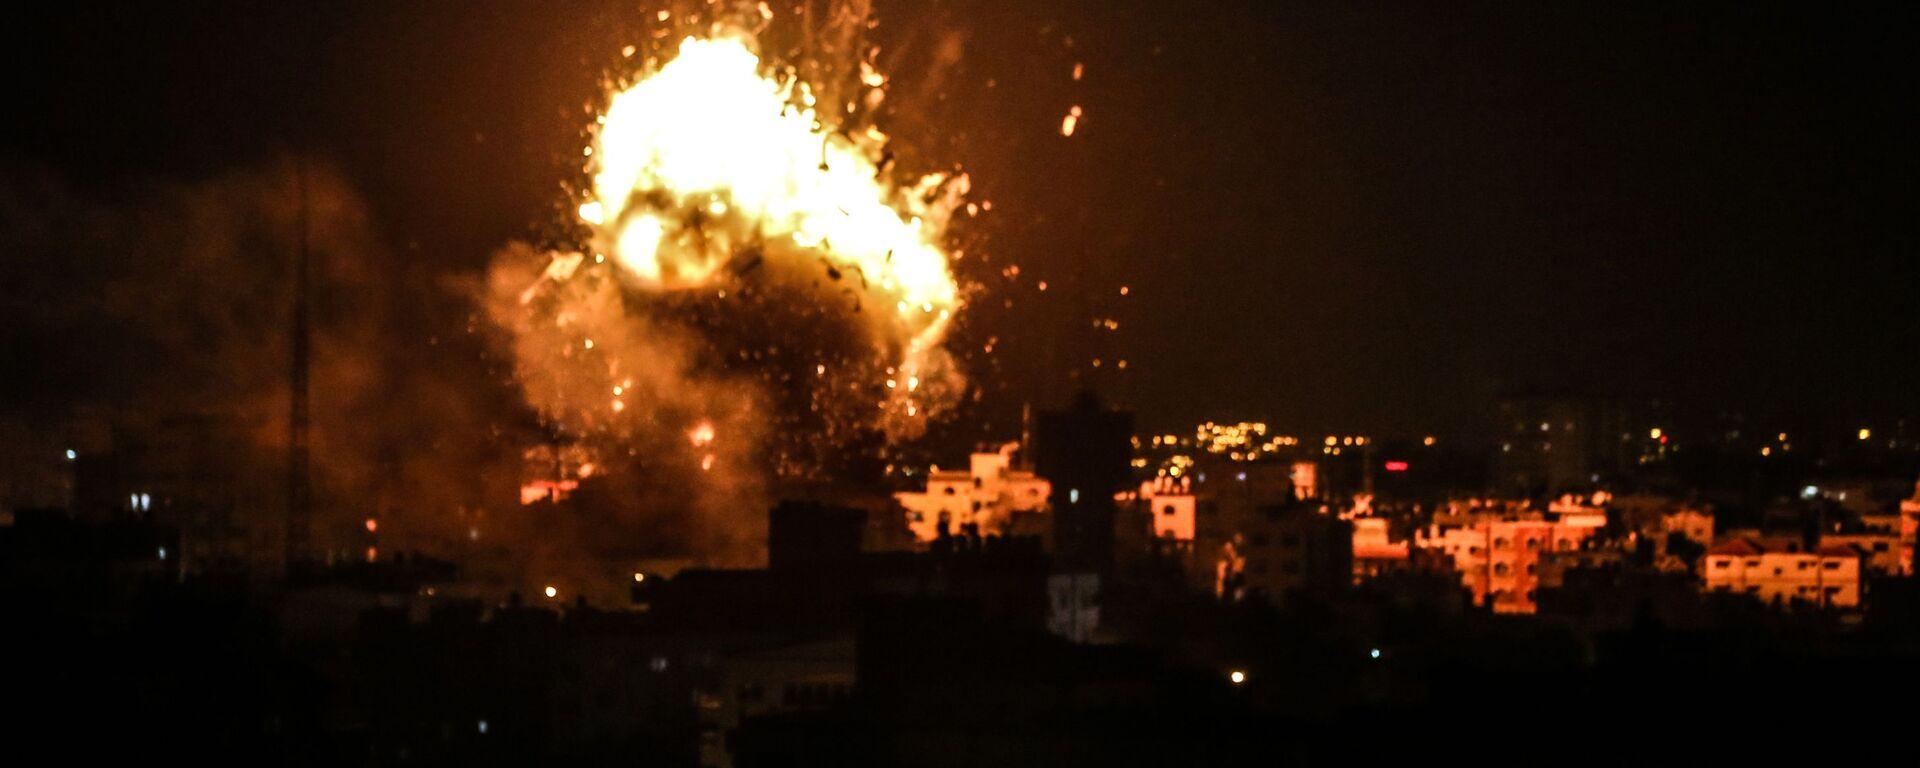 Il raid israeliano su obiettivi palestinesi nella Striscia di Gaza - Sputnik Italia, 1920, 26.02.2020